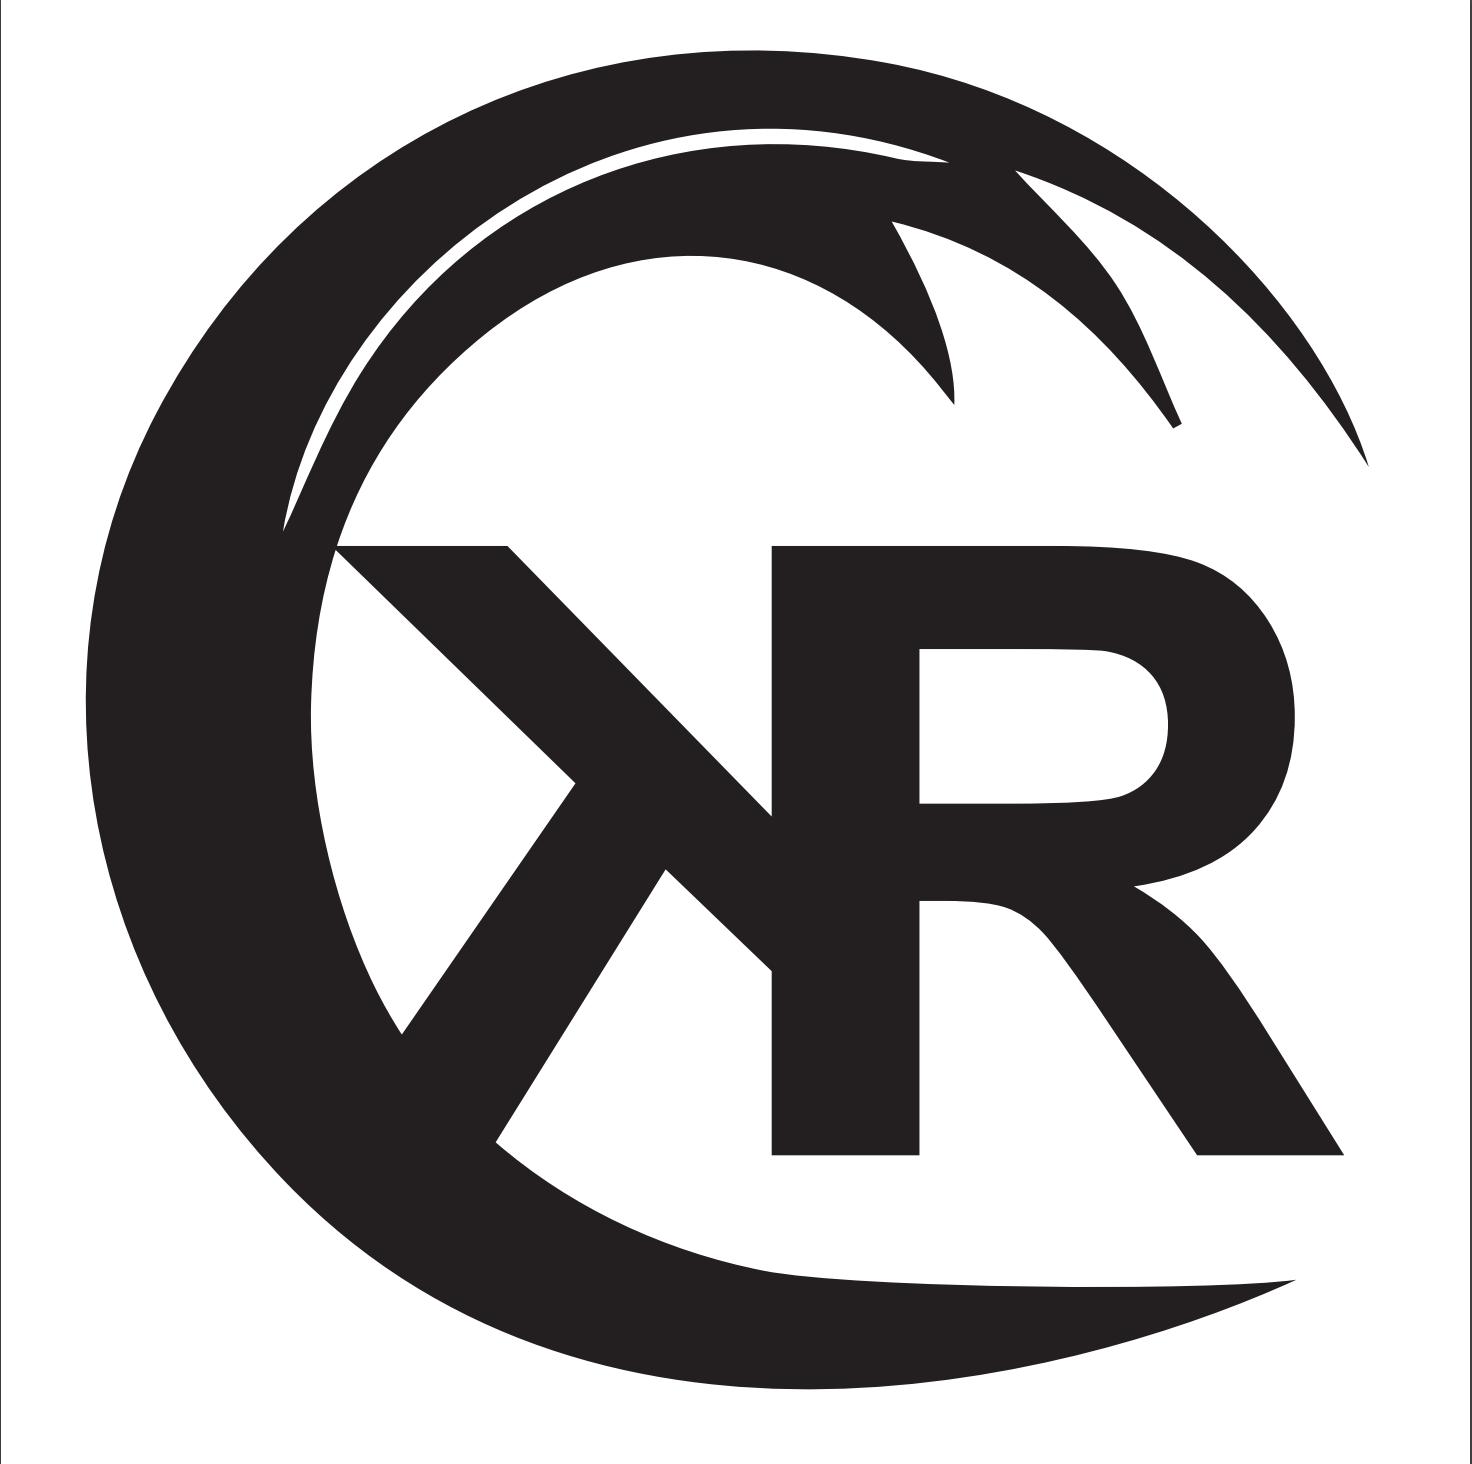 Kingdom_Riders_Maui_Logo.png